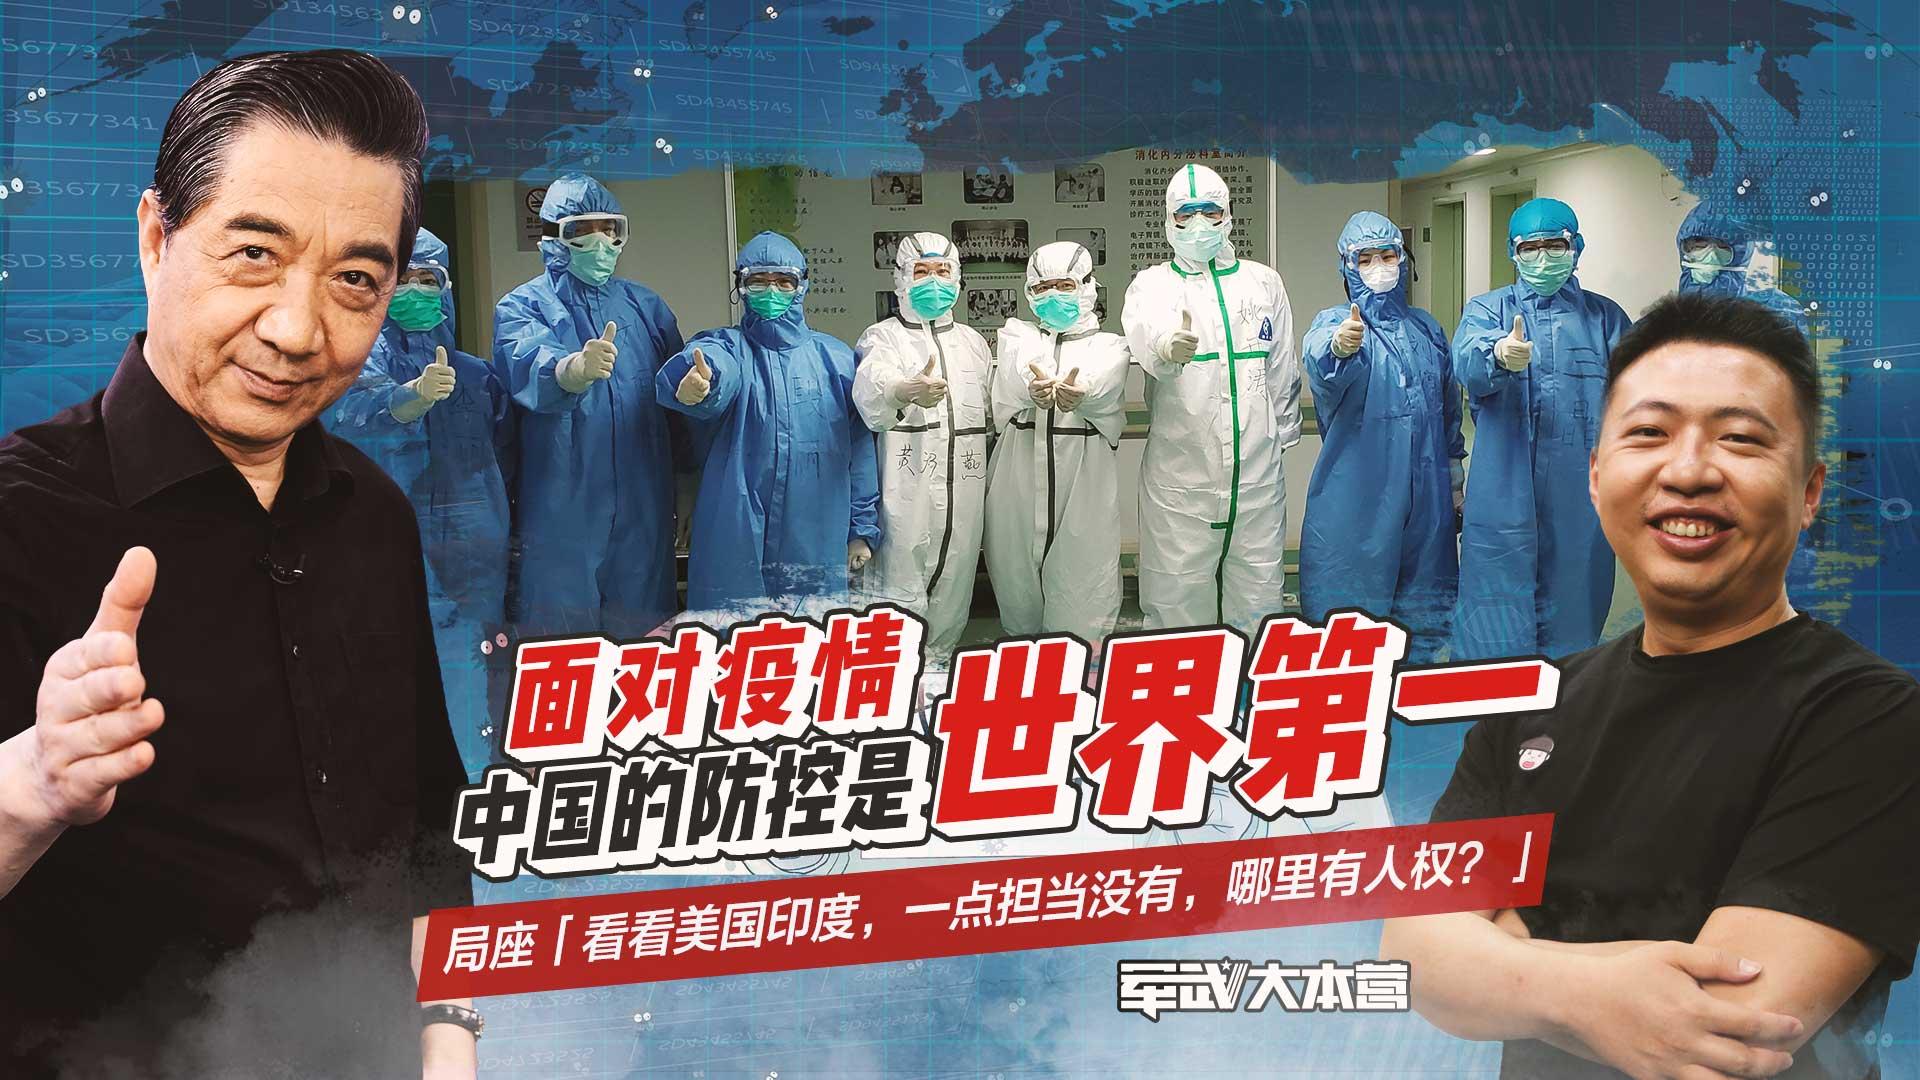 面对疫情,中国防控是世界第一 局座:看看美国印度哪里有人权?